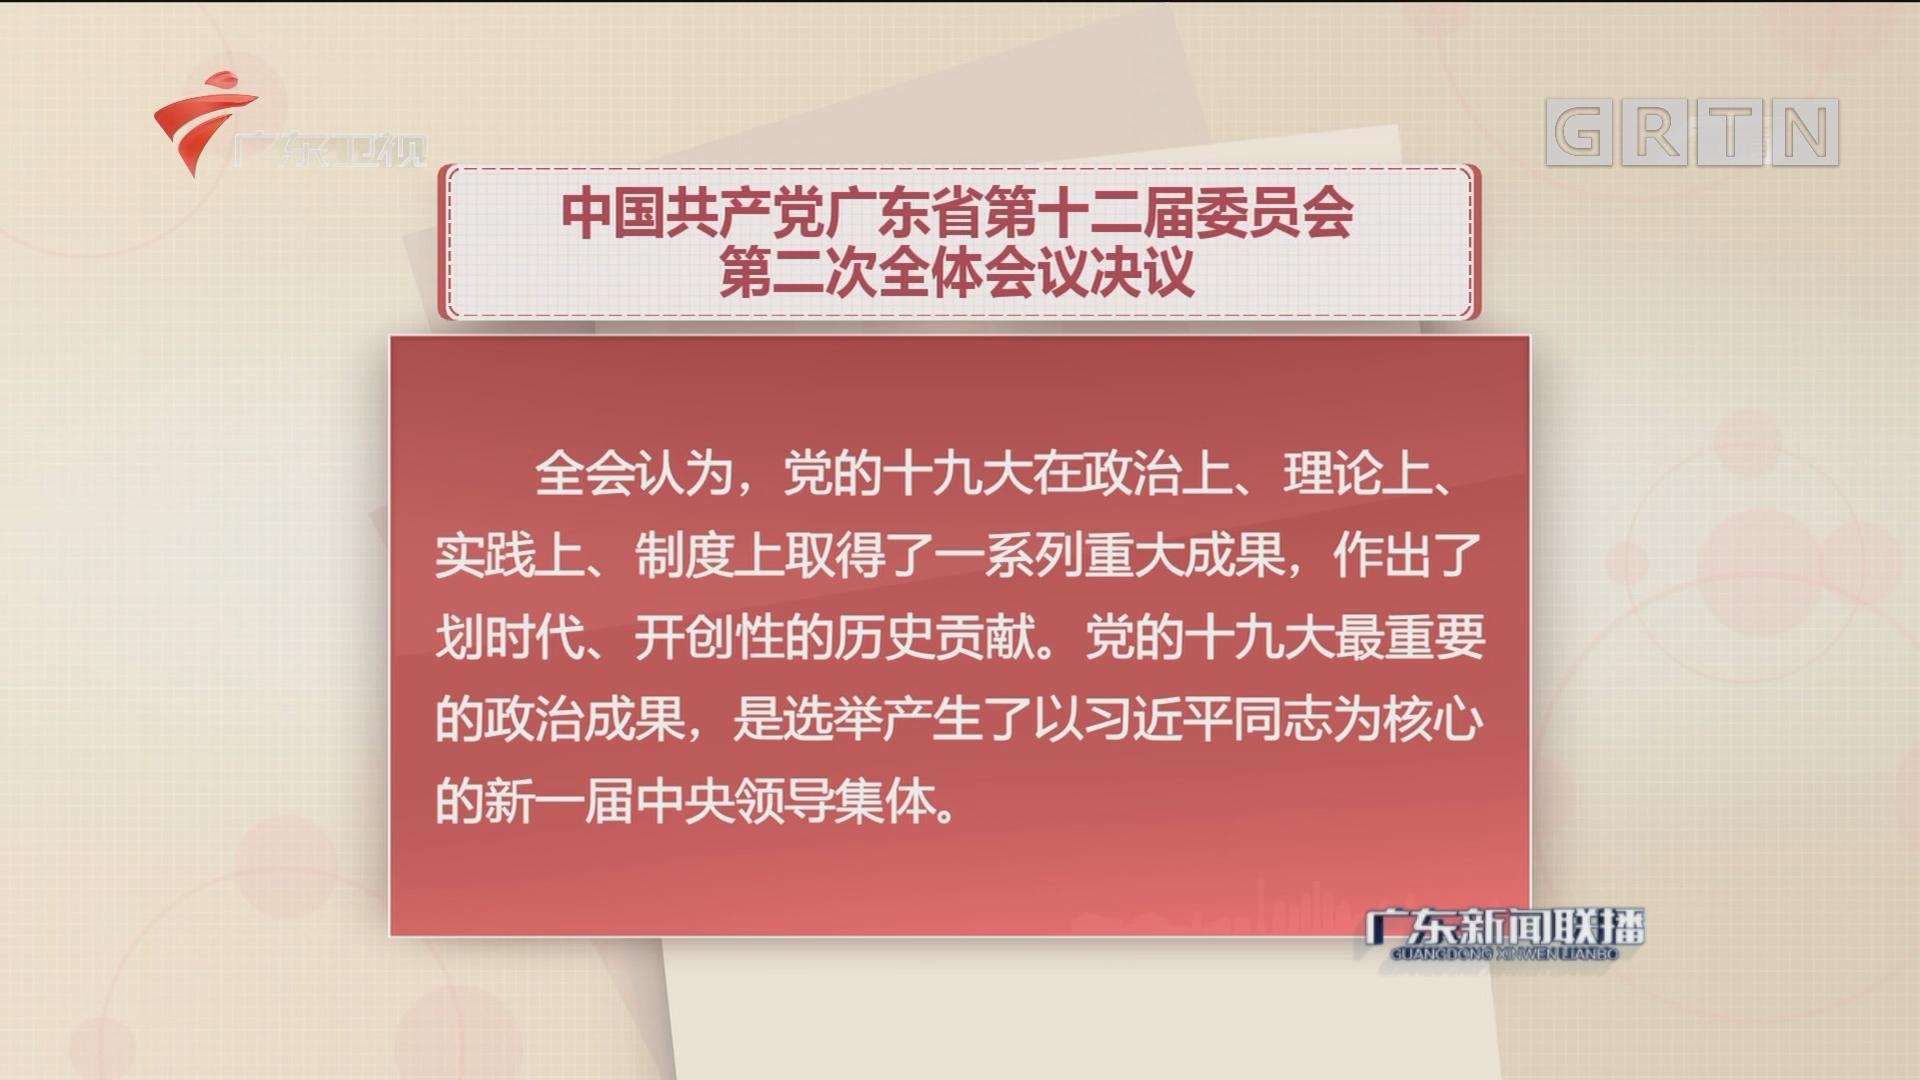 中国共产党广东省第十二届委员会第二次全体会议决议